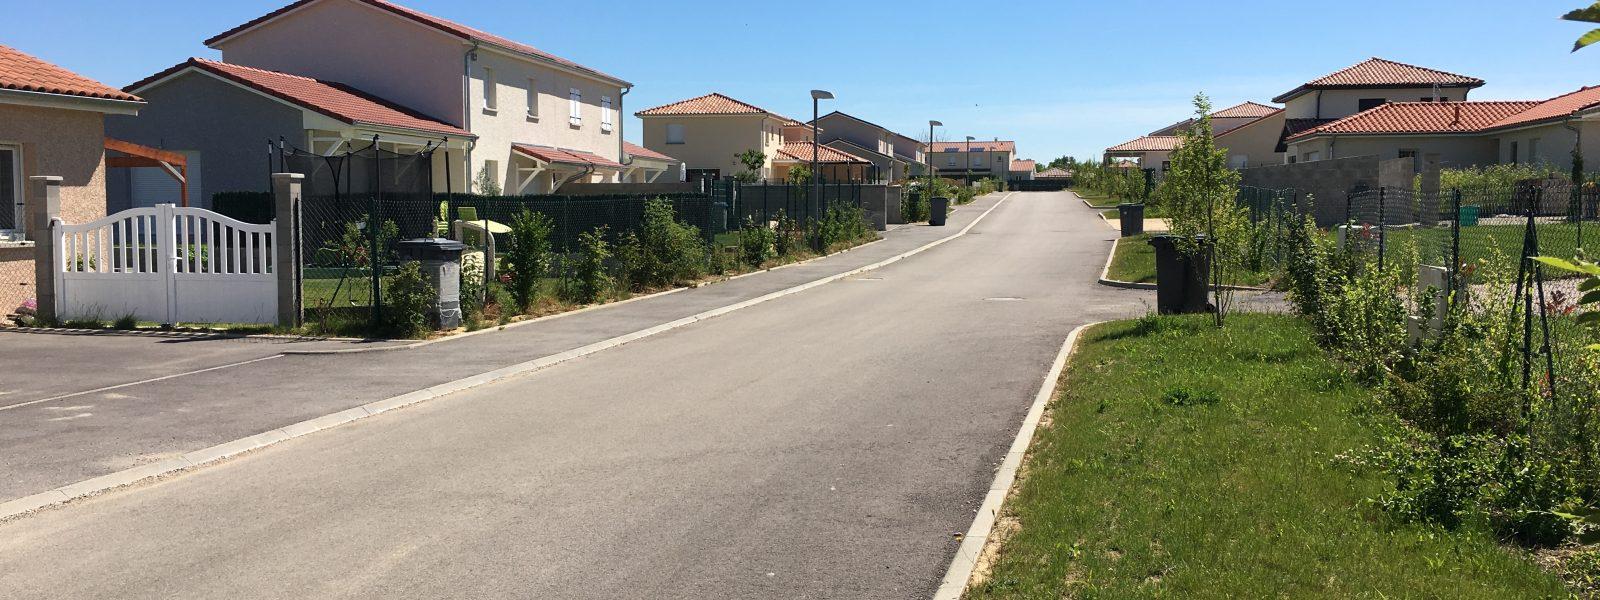 LE HAMEAU DE LA BERGERE - Visuel 1 - Impact immobilier 01